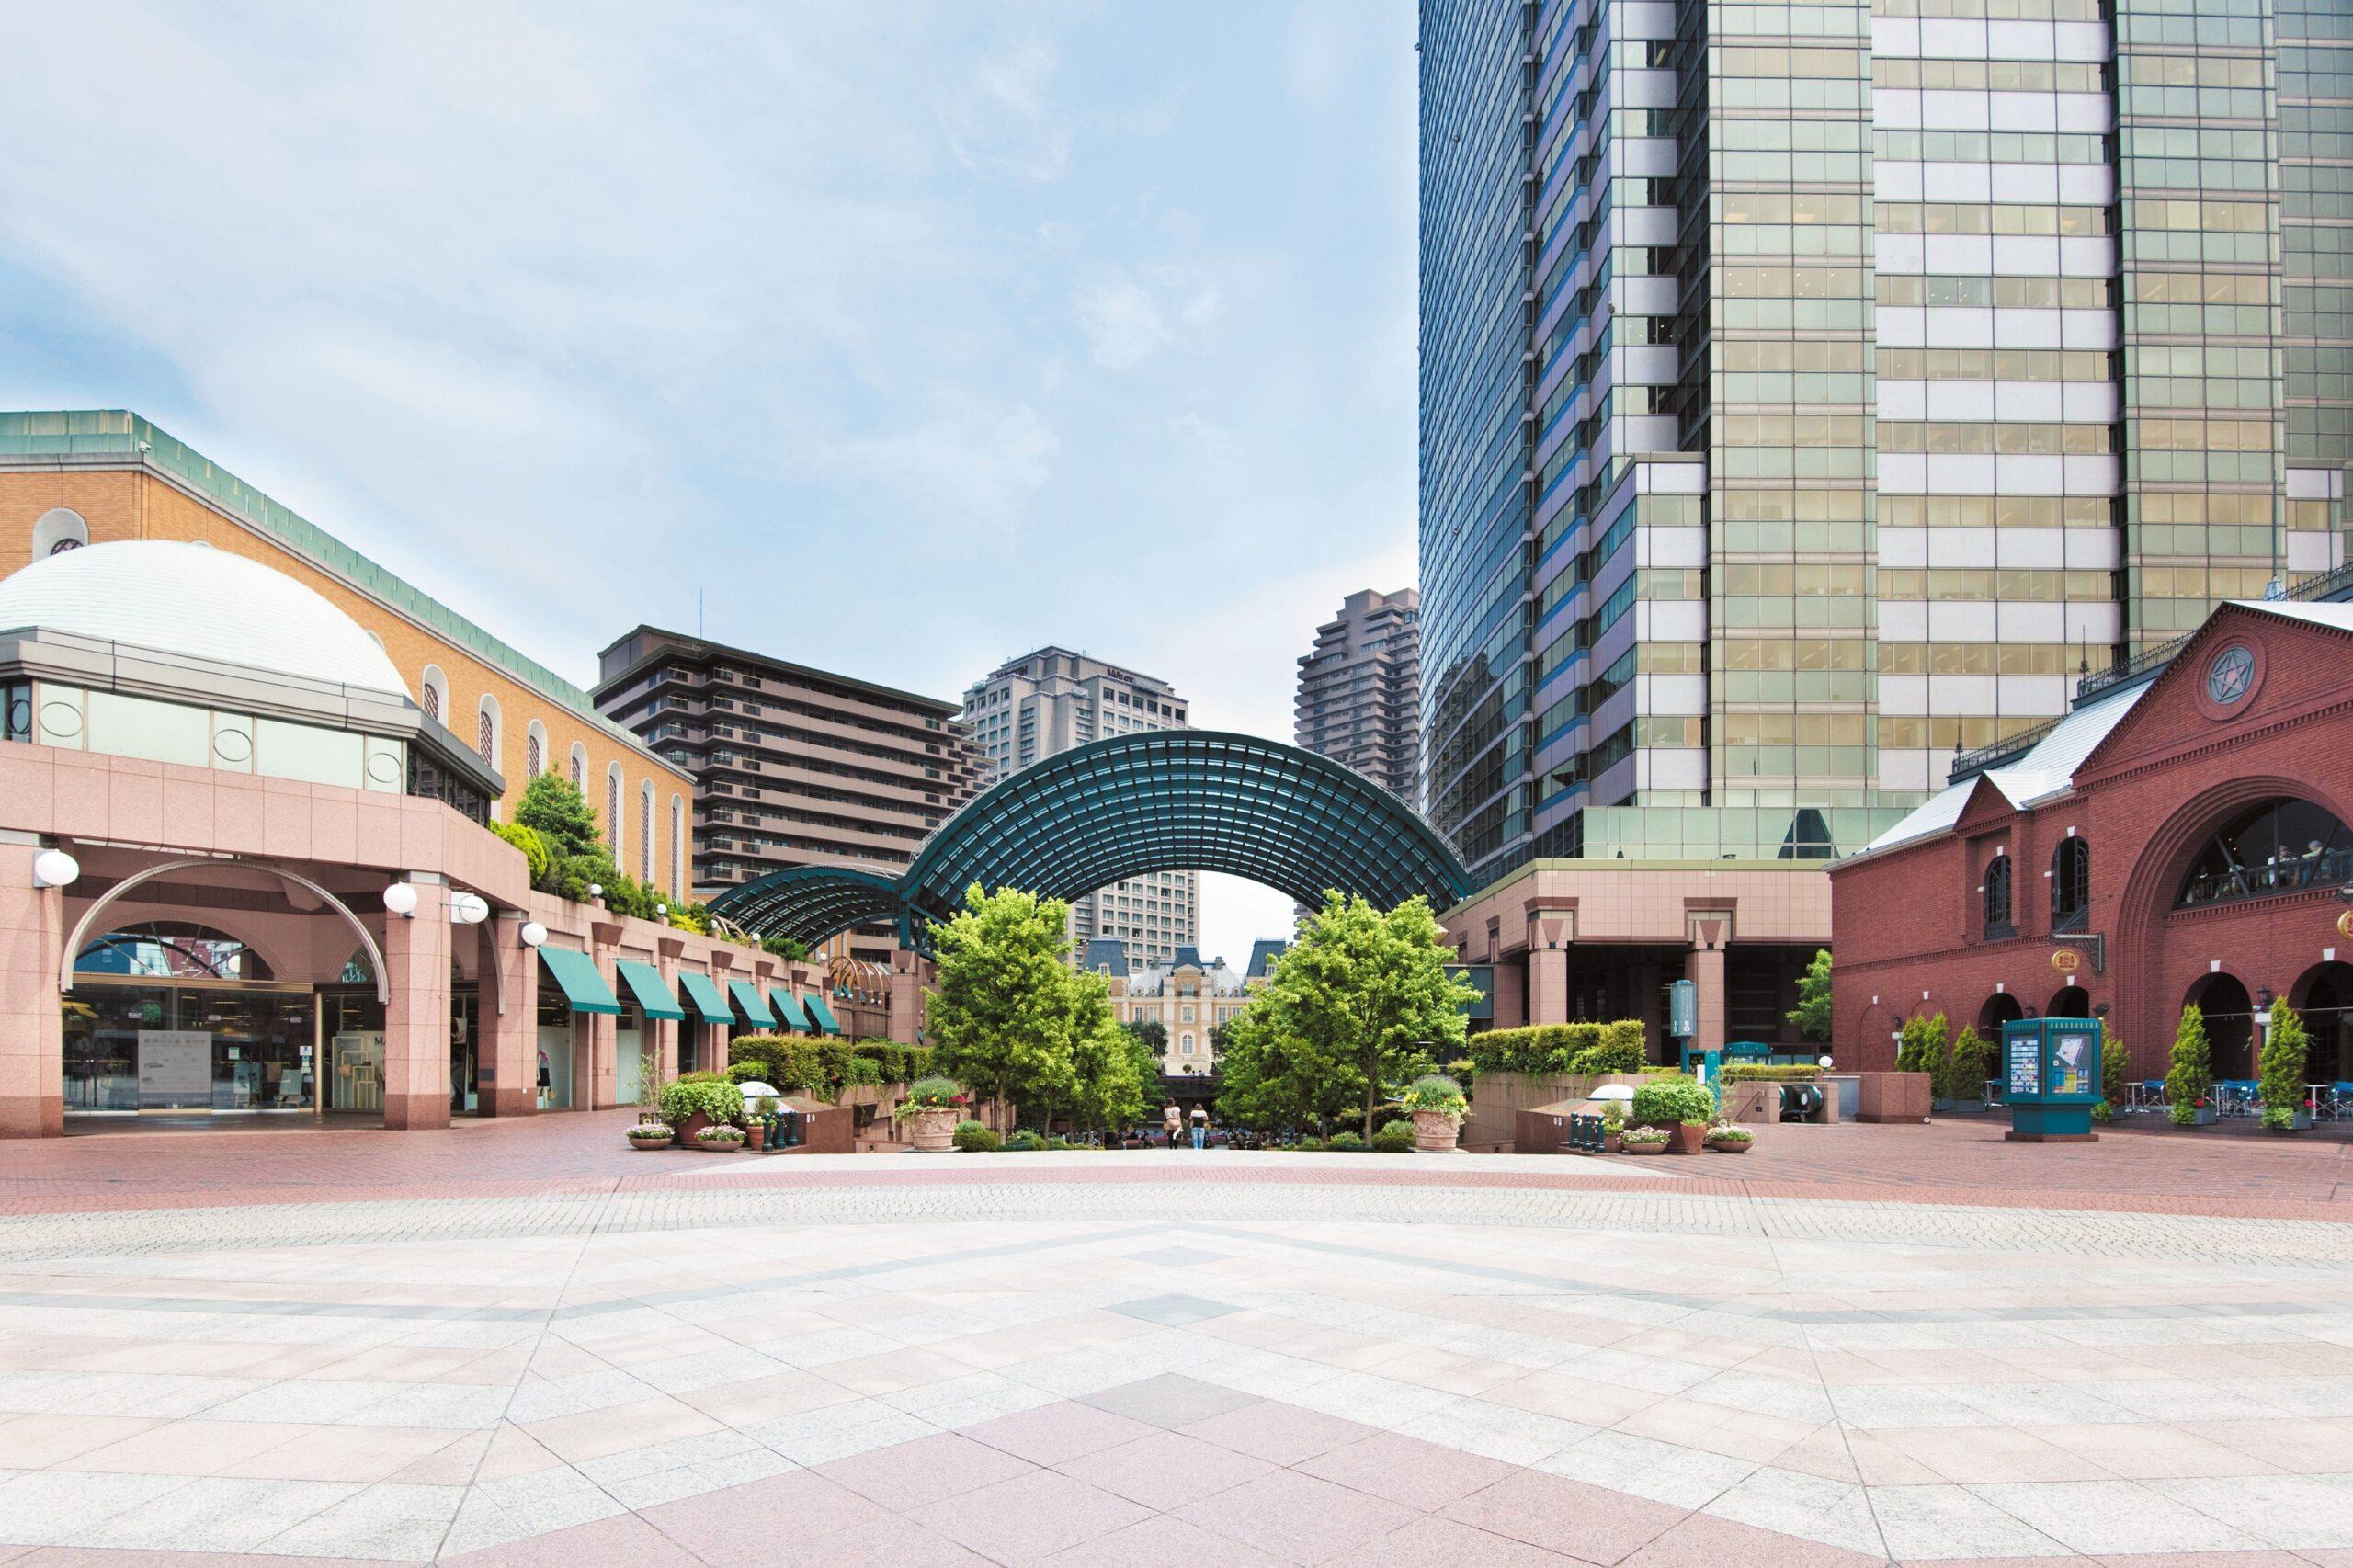 恵比寿ガーデンプレイスがリニューアル、22年春、食料品・生活雑貨フロア先行開業